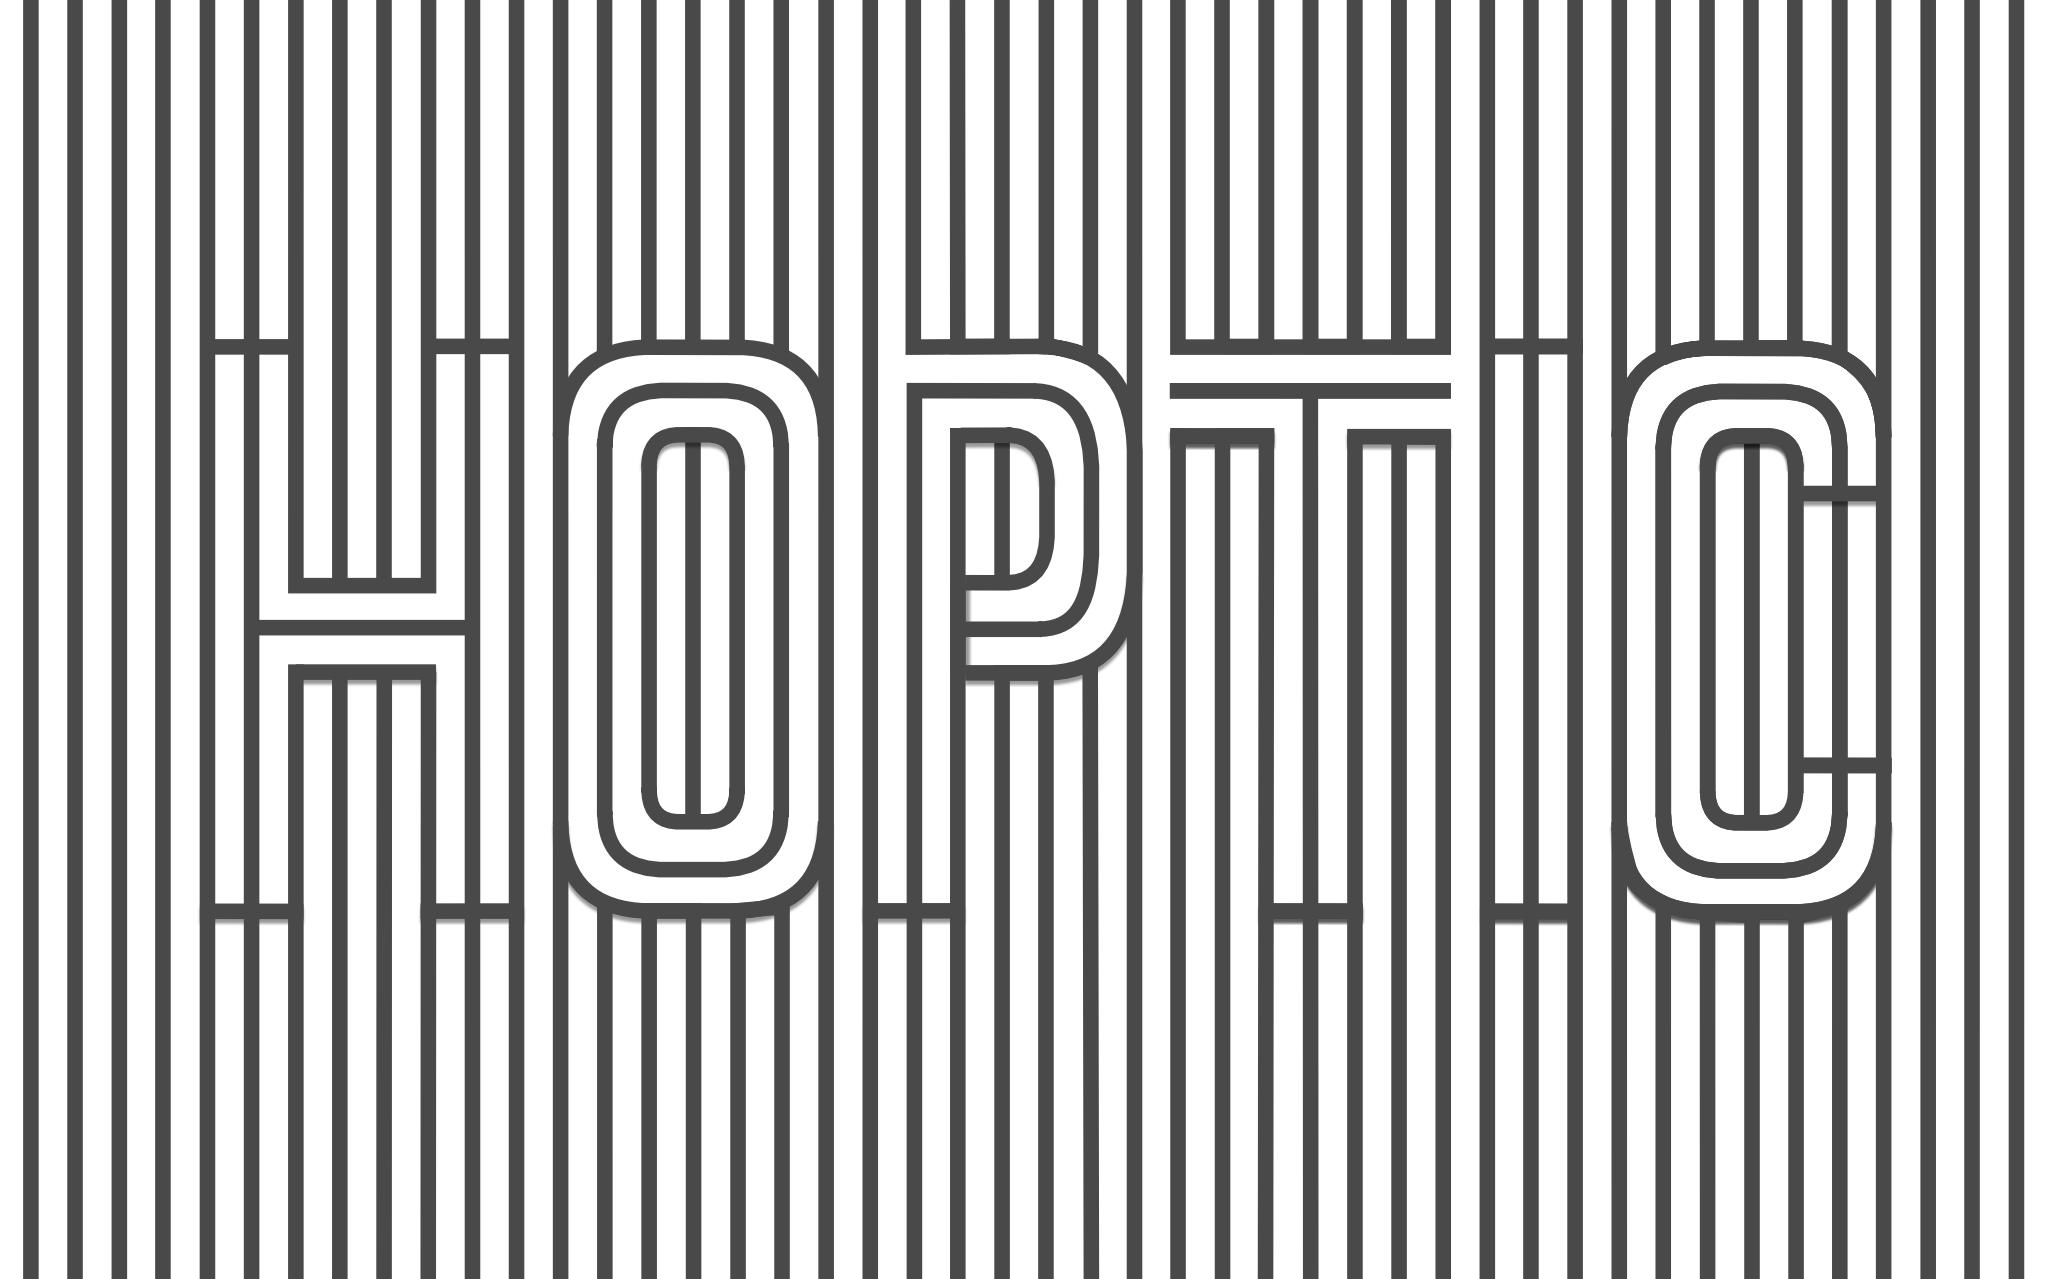 Hoptic